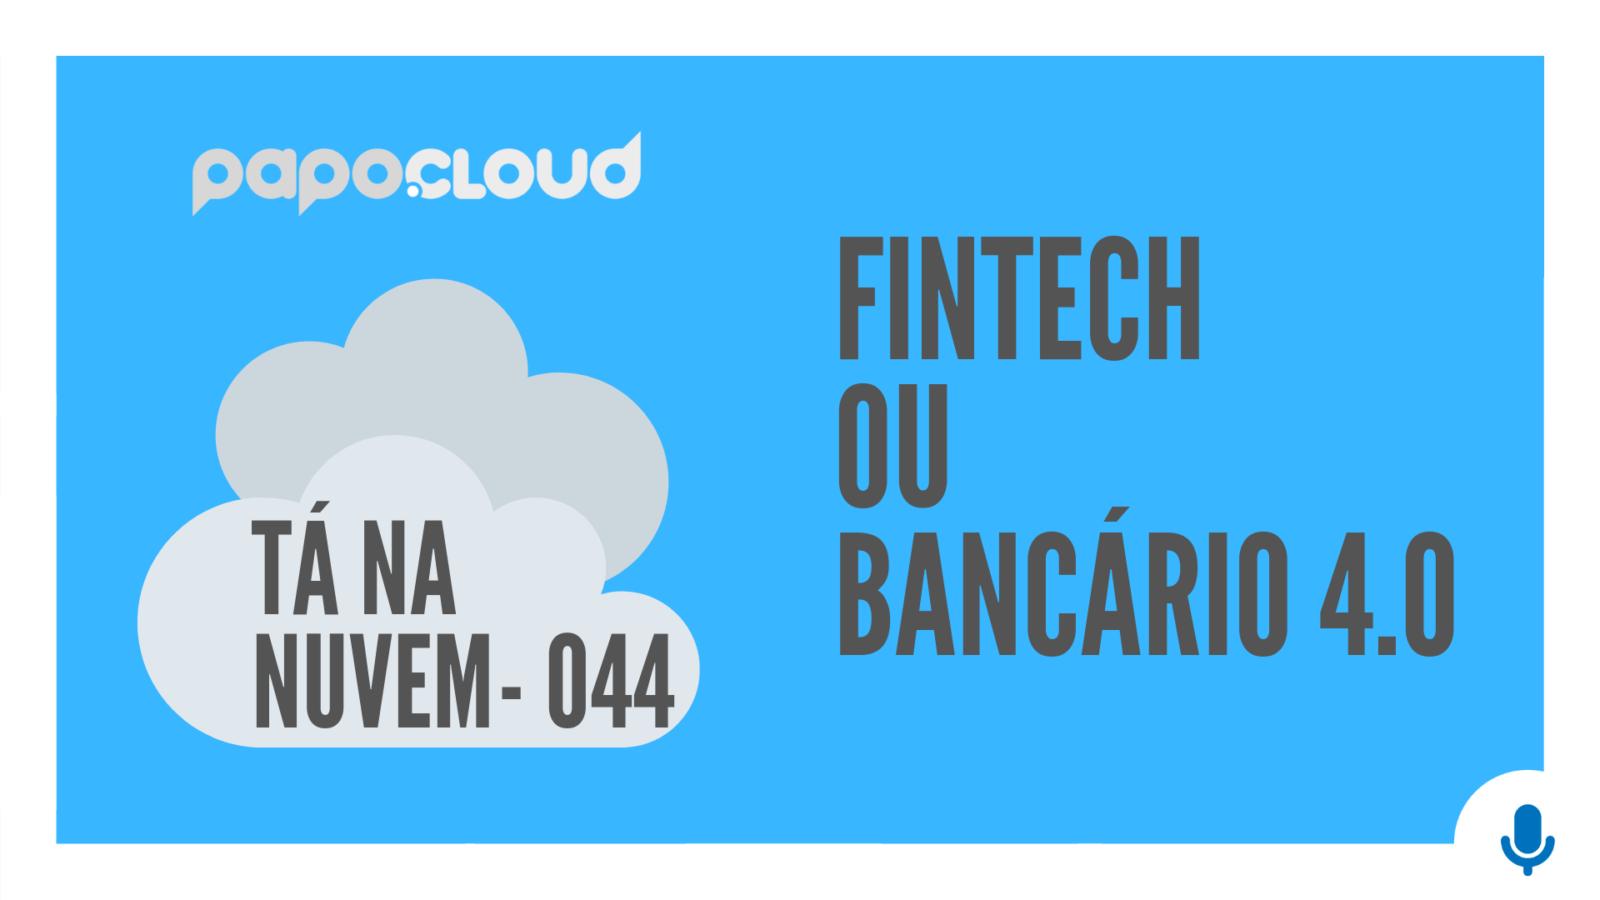 Tá Na Nuvem 044 - Fintech ou Bancário 4.0